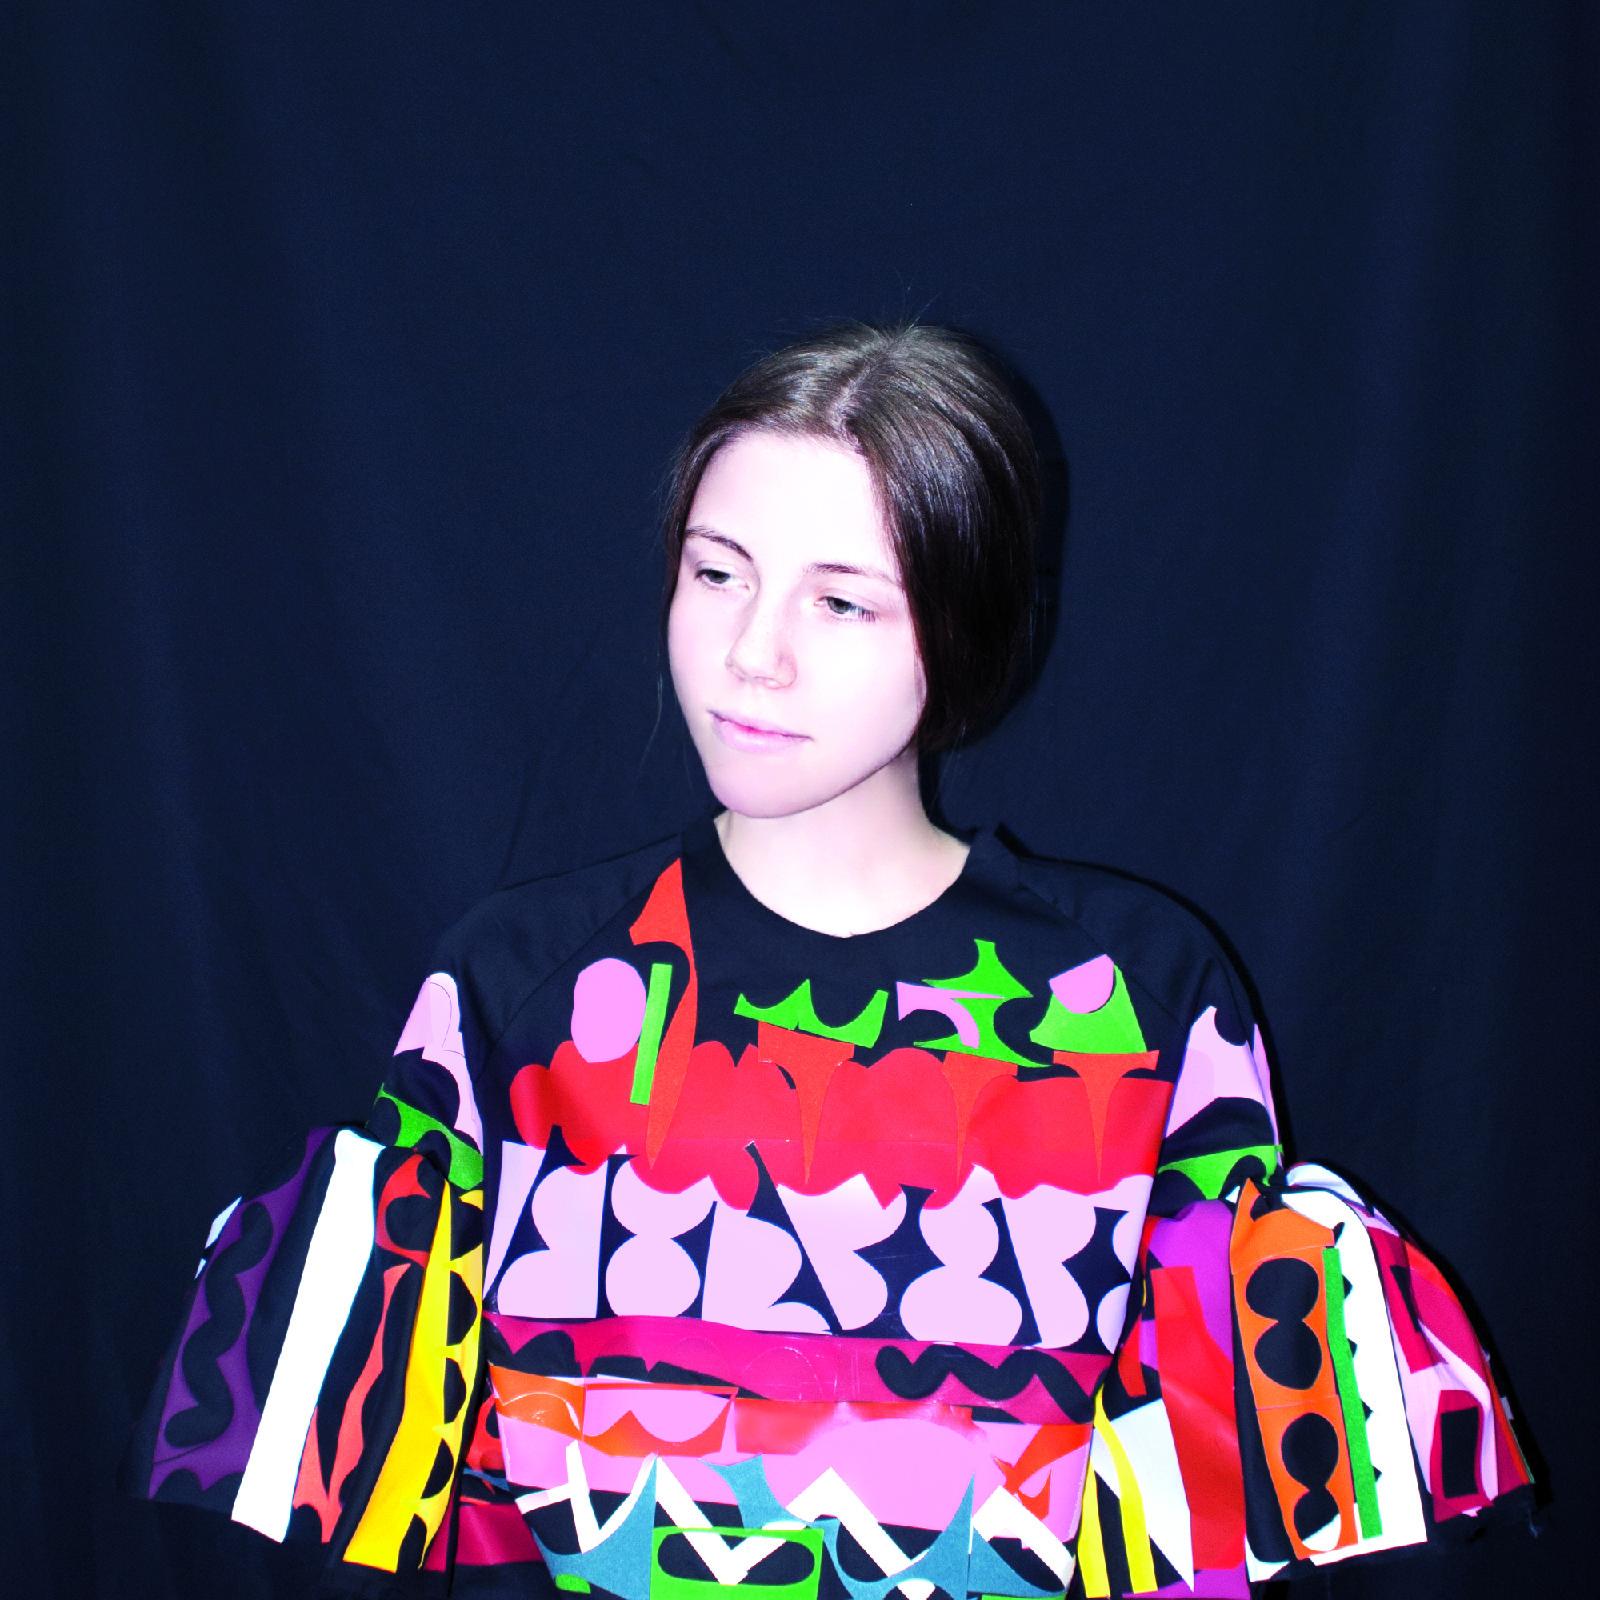 РЕ:МАЙСТЕР: як художники переосмислили старі обкладинки українських платівок